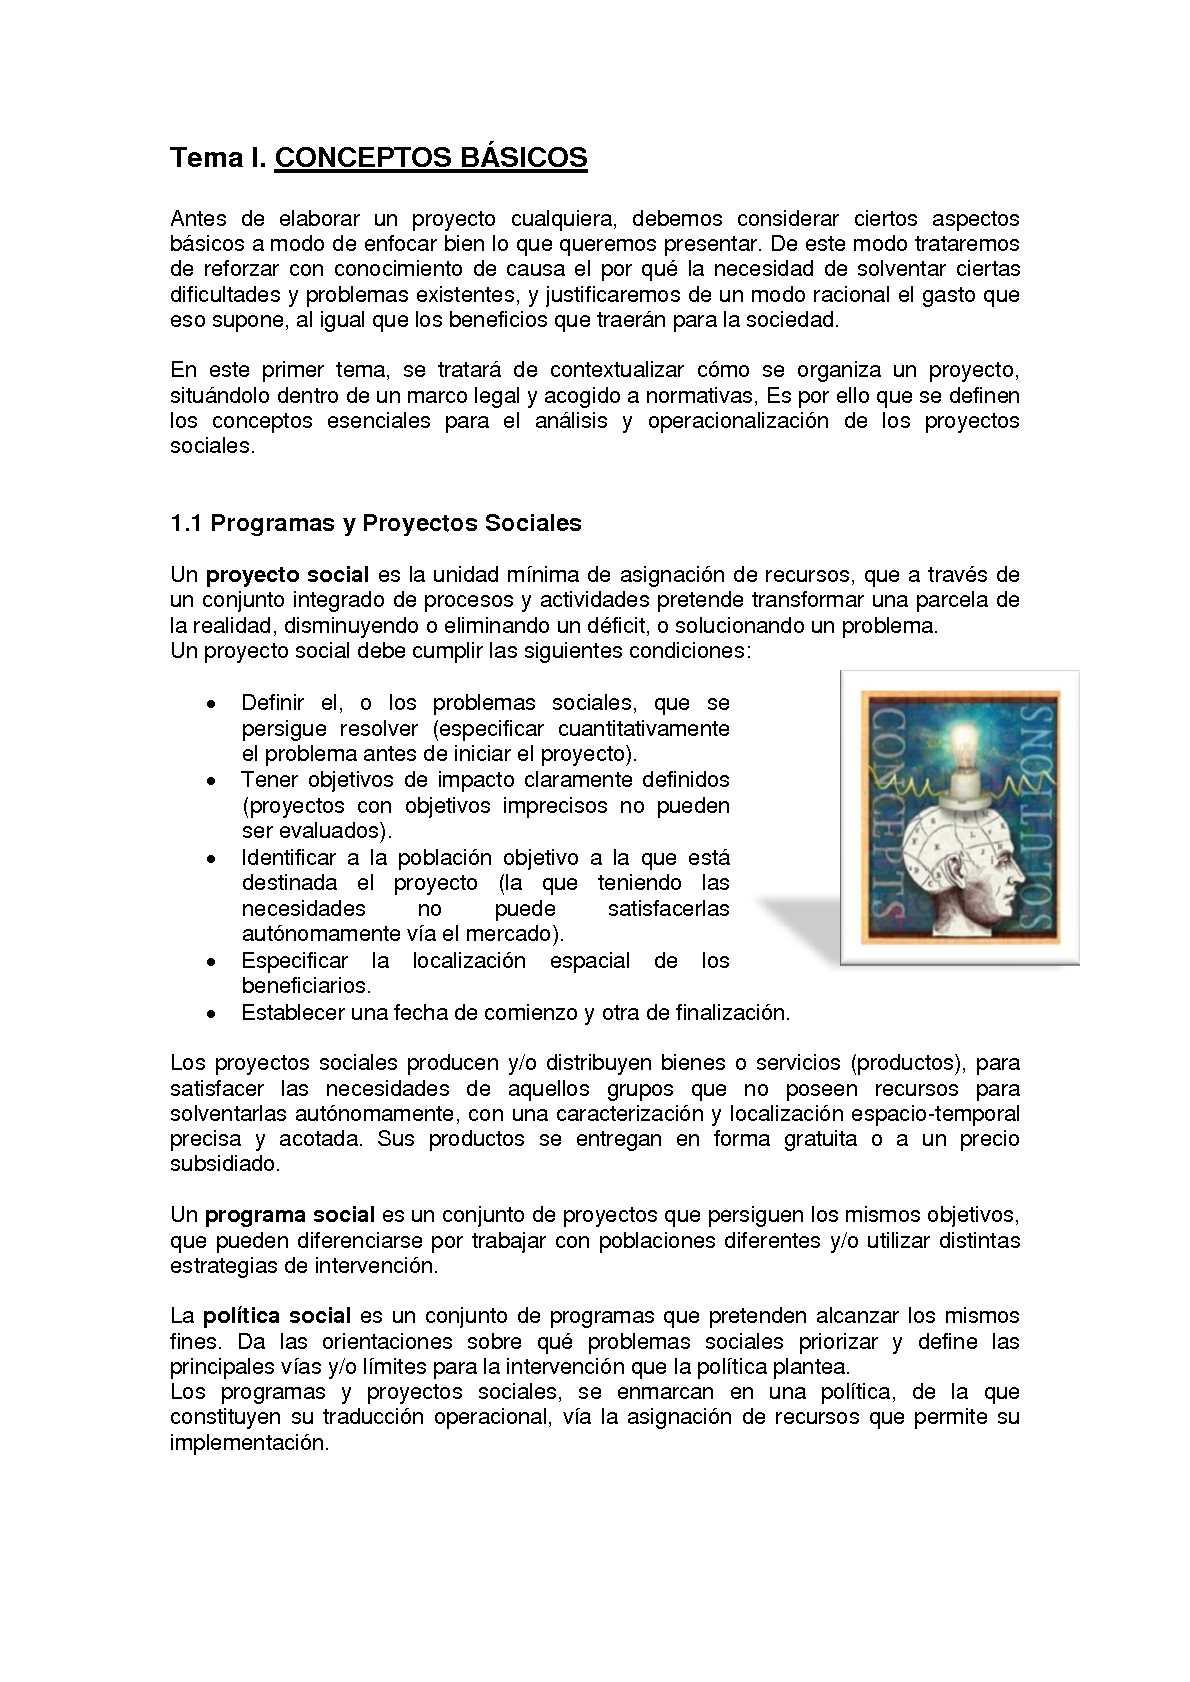 CREACIÓN Y DISEÑO DE PROYECTOS SOCIALES